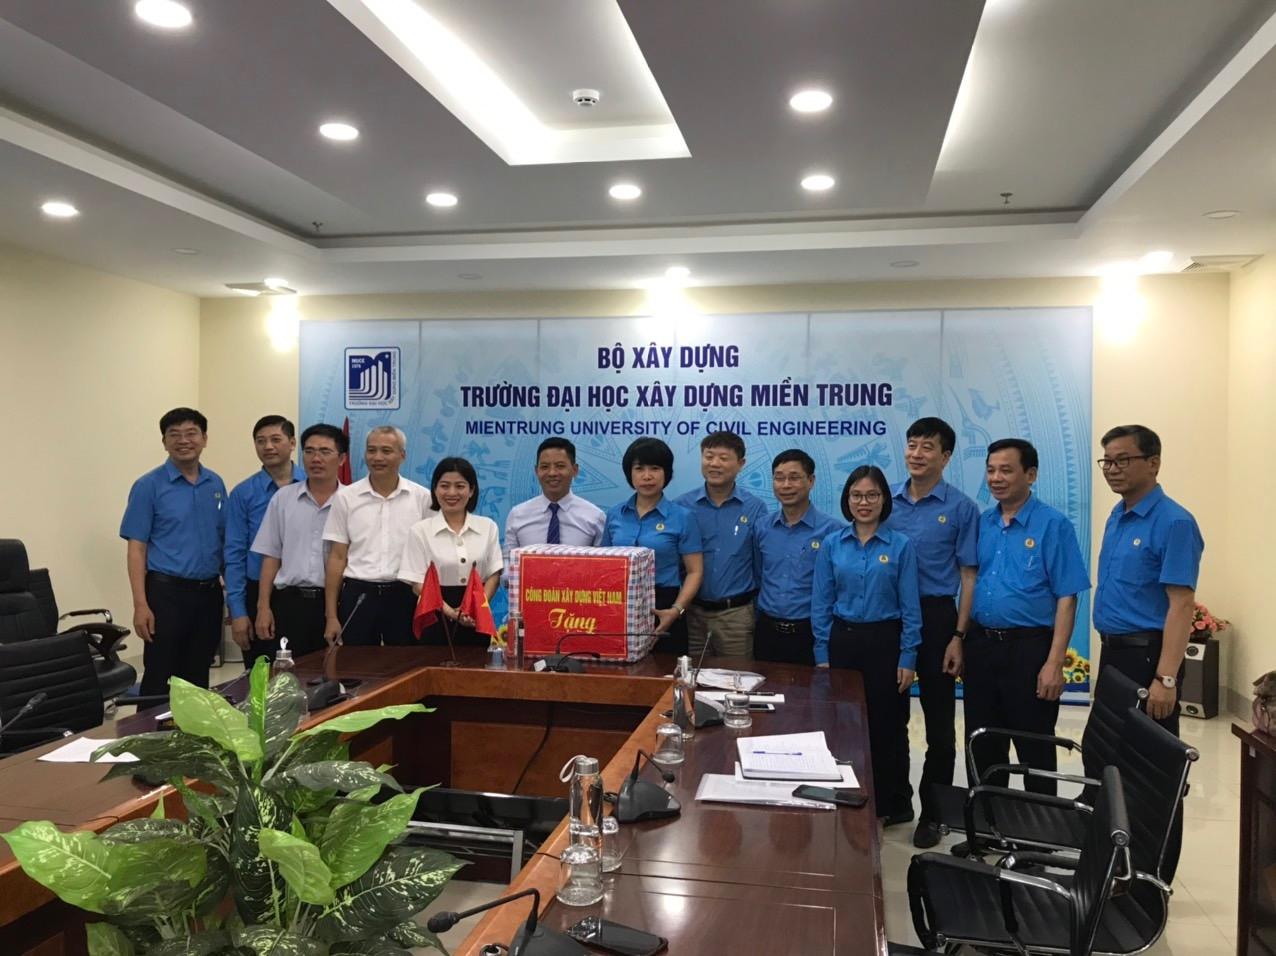 Thăm và tặng quà người lao động các đơn vị trong ngành Xây dựng nhân dịp Tháng Công nhân 2021